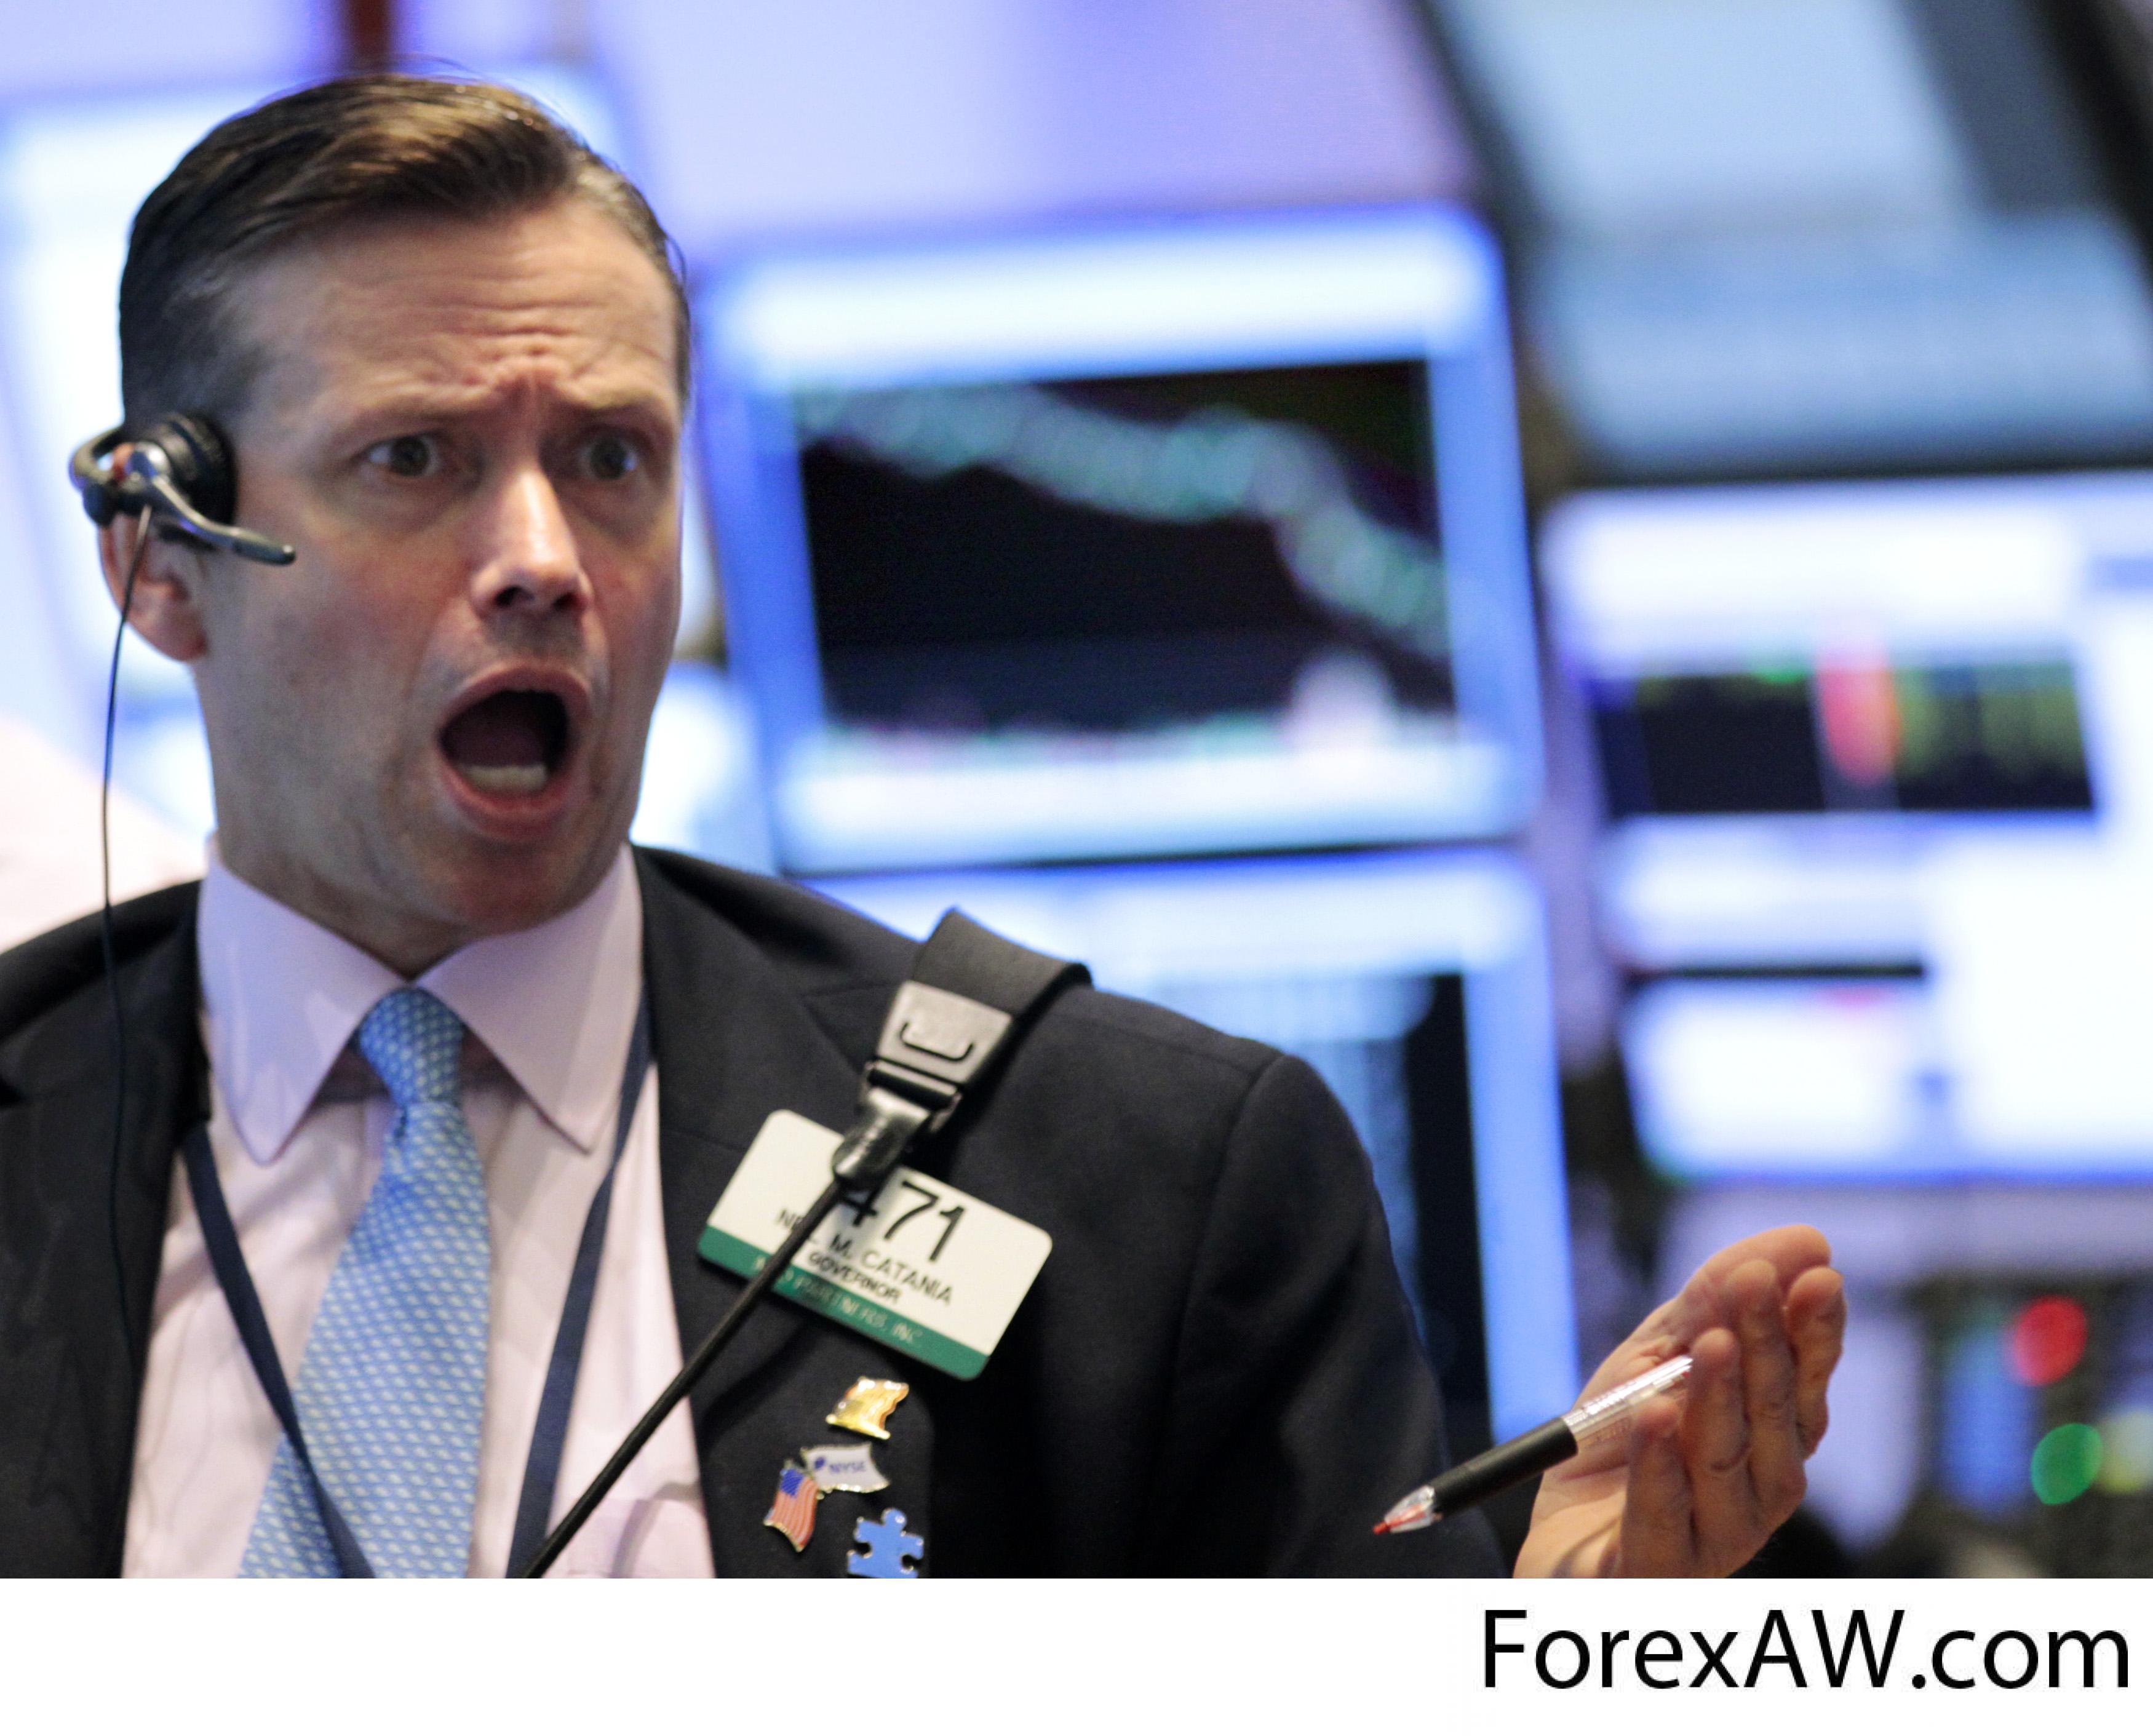 Смешные, биржевые картинки смешные